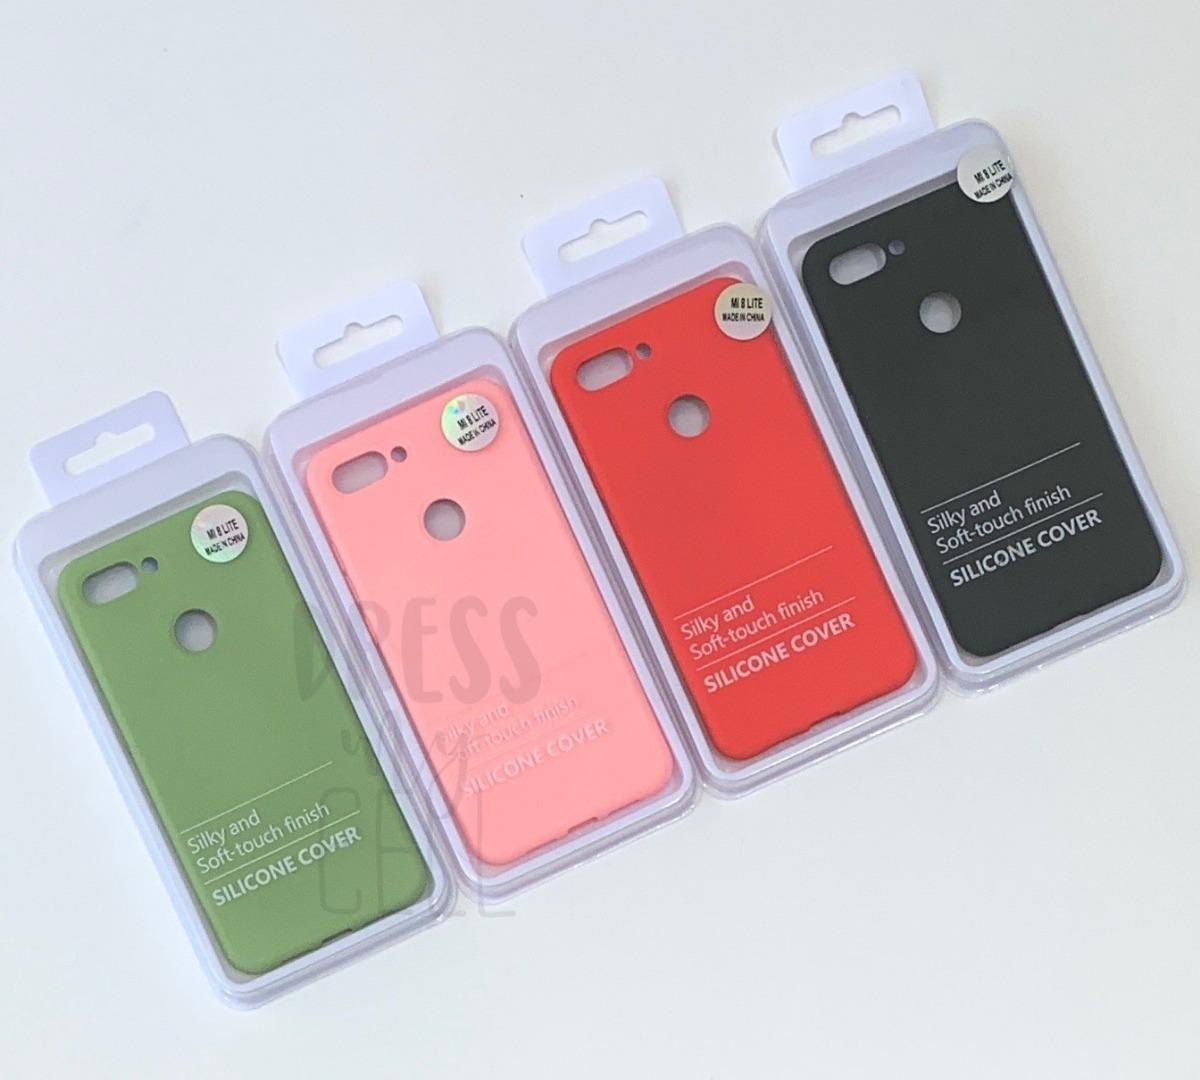 on sale a3e68 c2880 Funda Xiaomi Mi 8 Lite Silicone Case + Vidrio Templado .